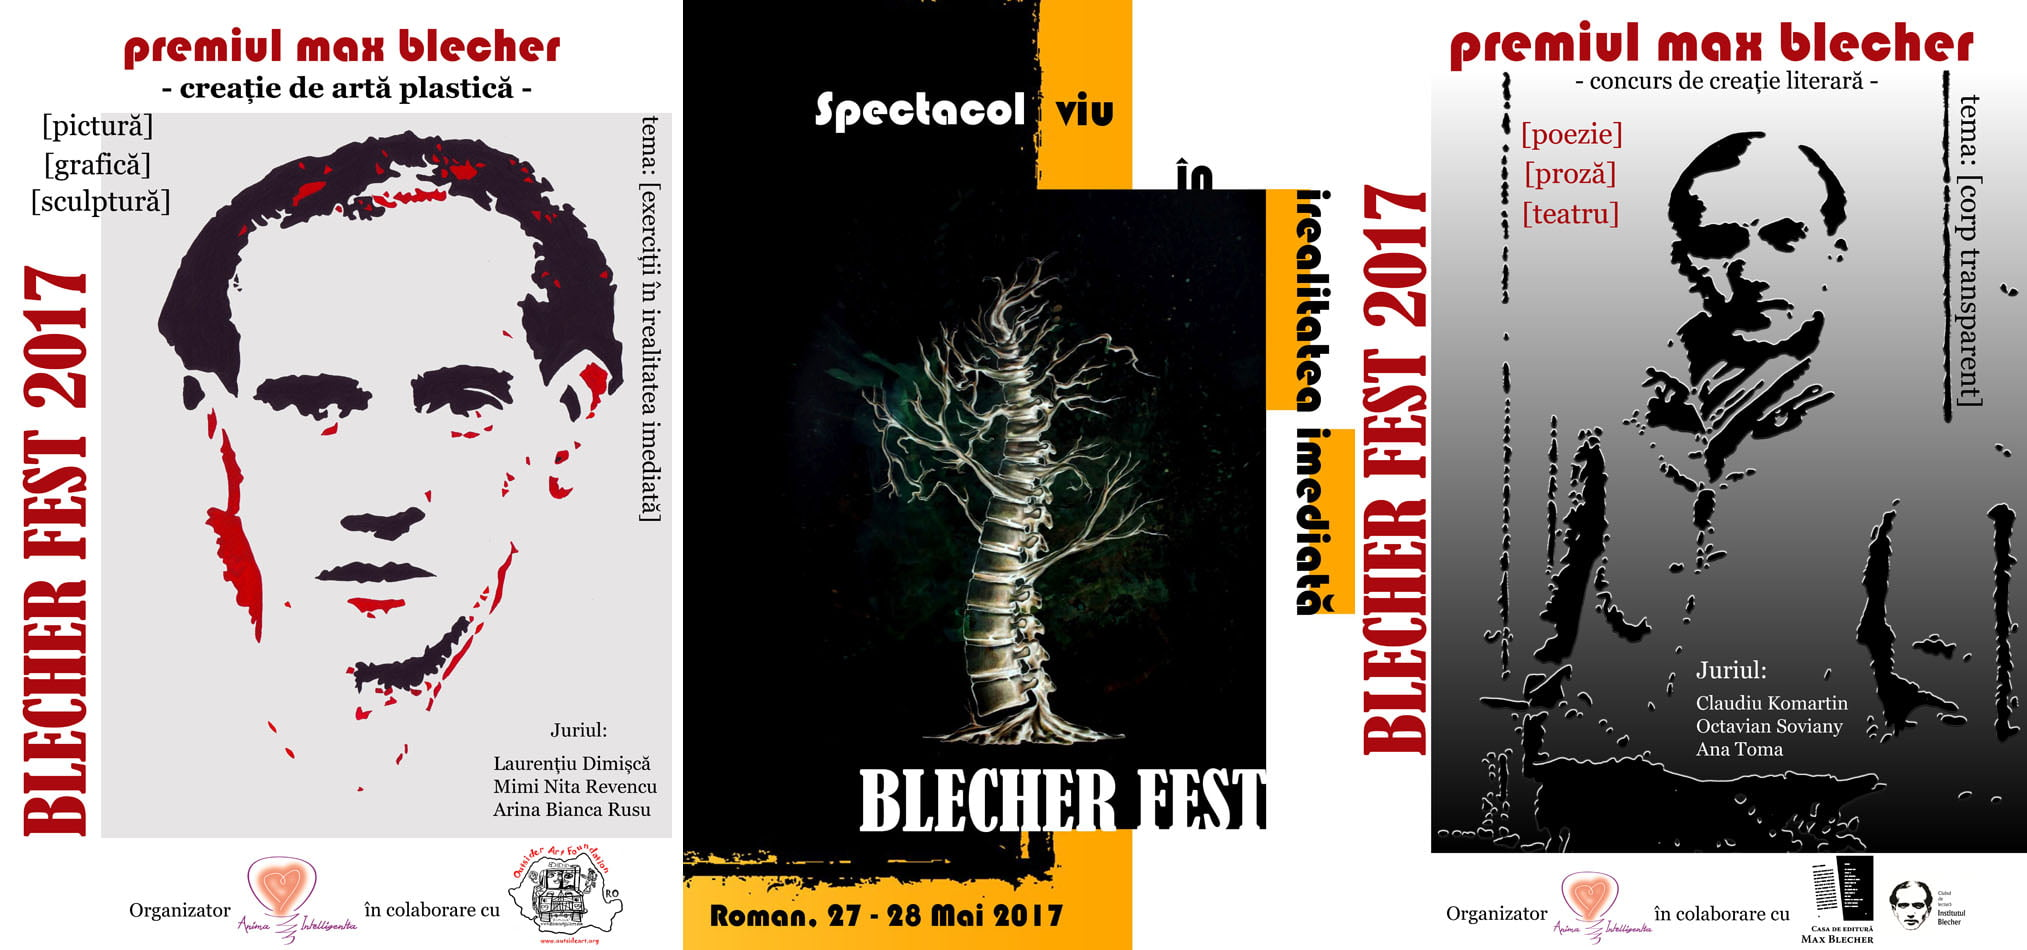 Prima ediție a festivalului cultural internațional Blecher Fest va avea loc la Roman